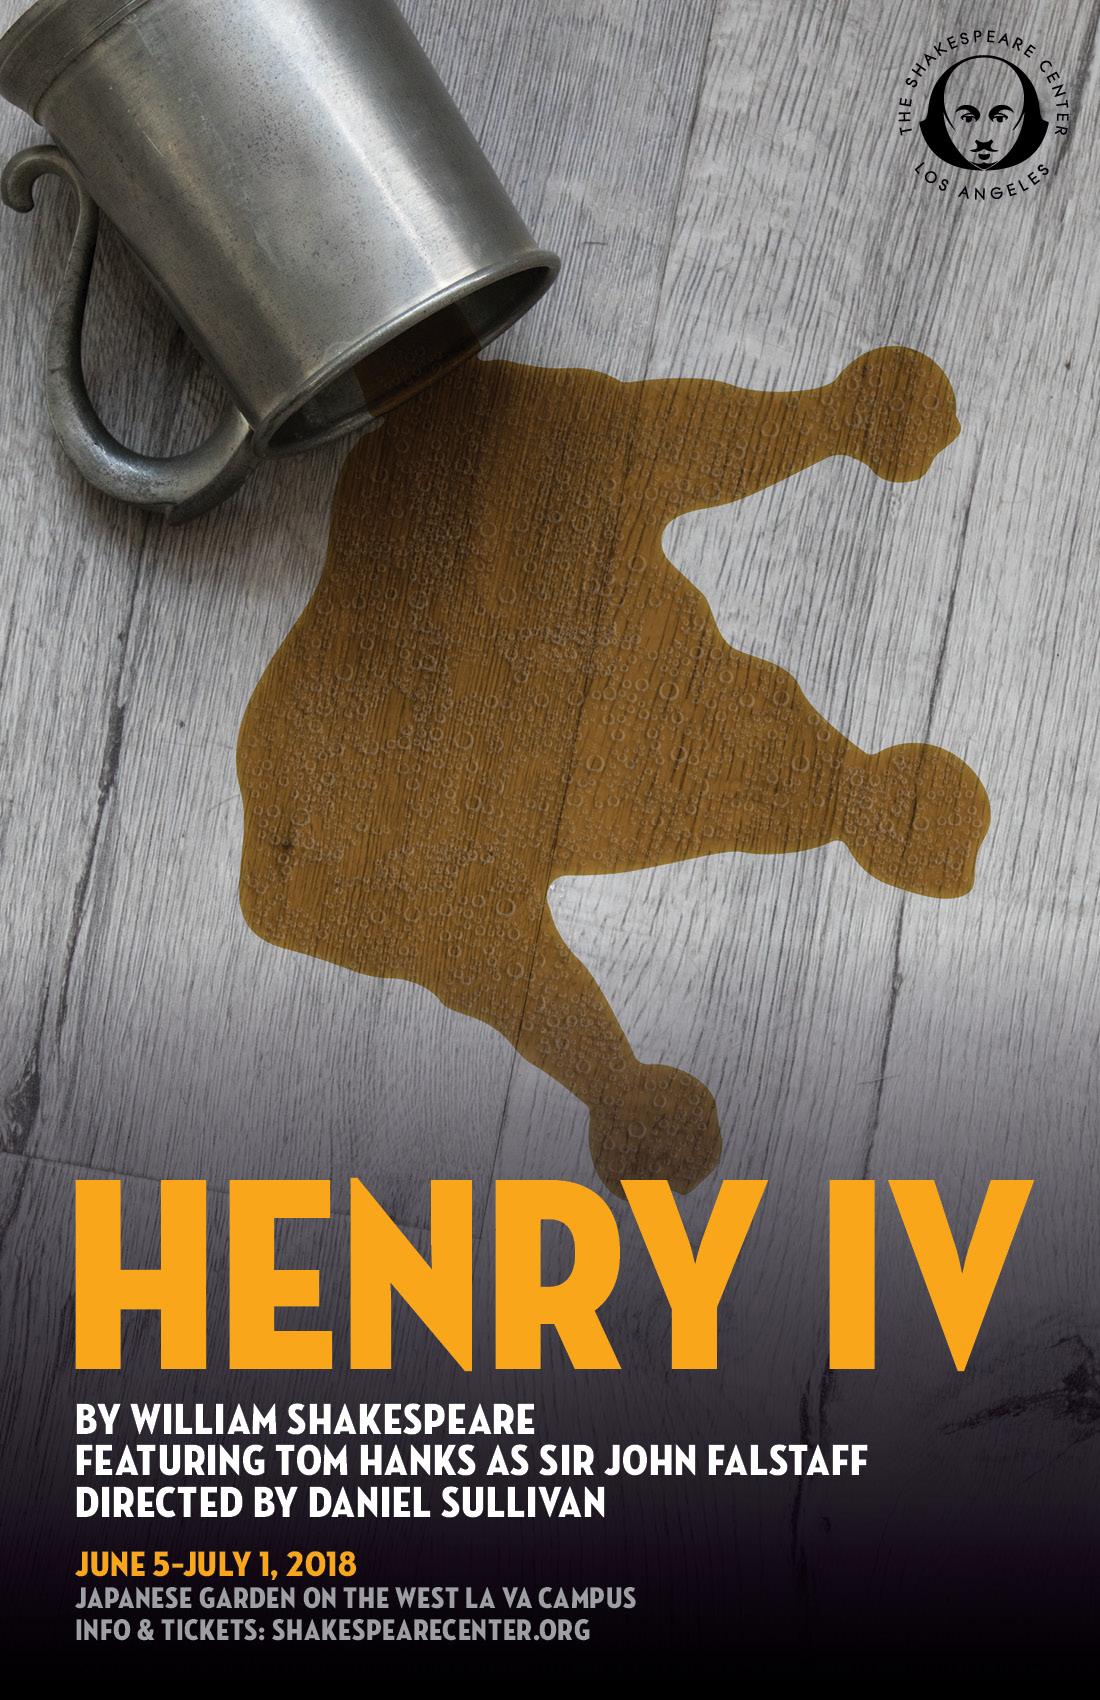 henryiv.poster.2.jpg